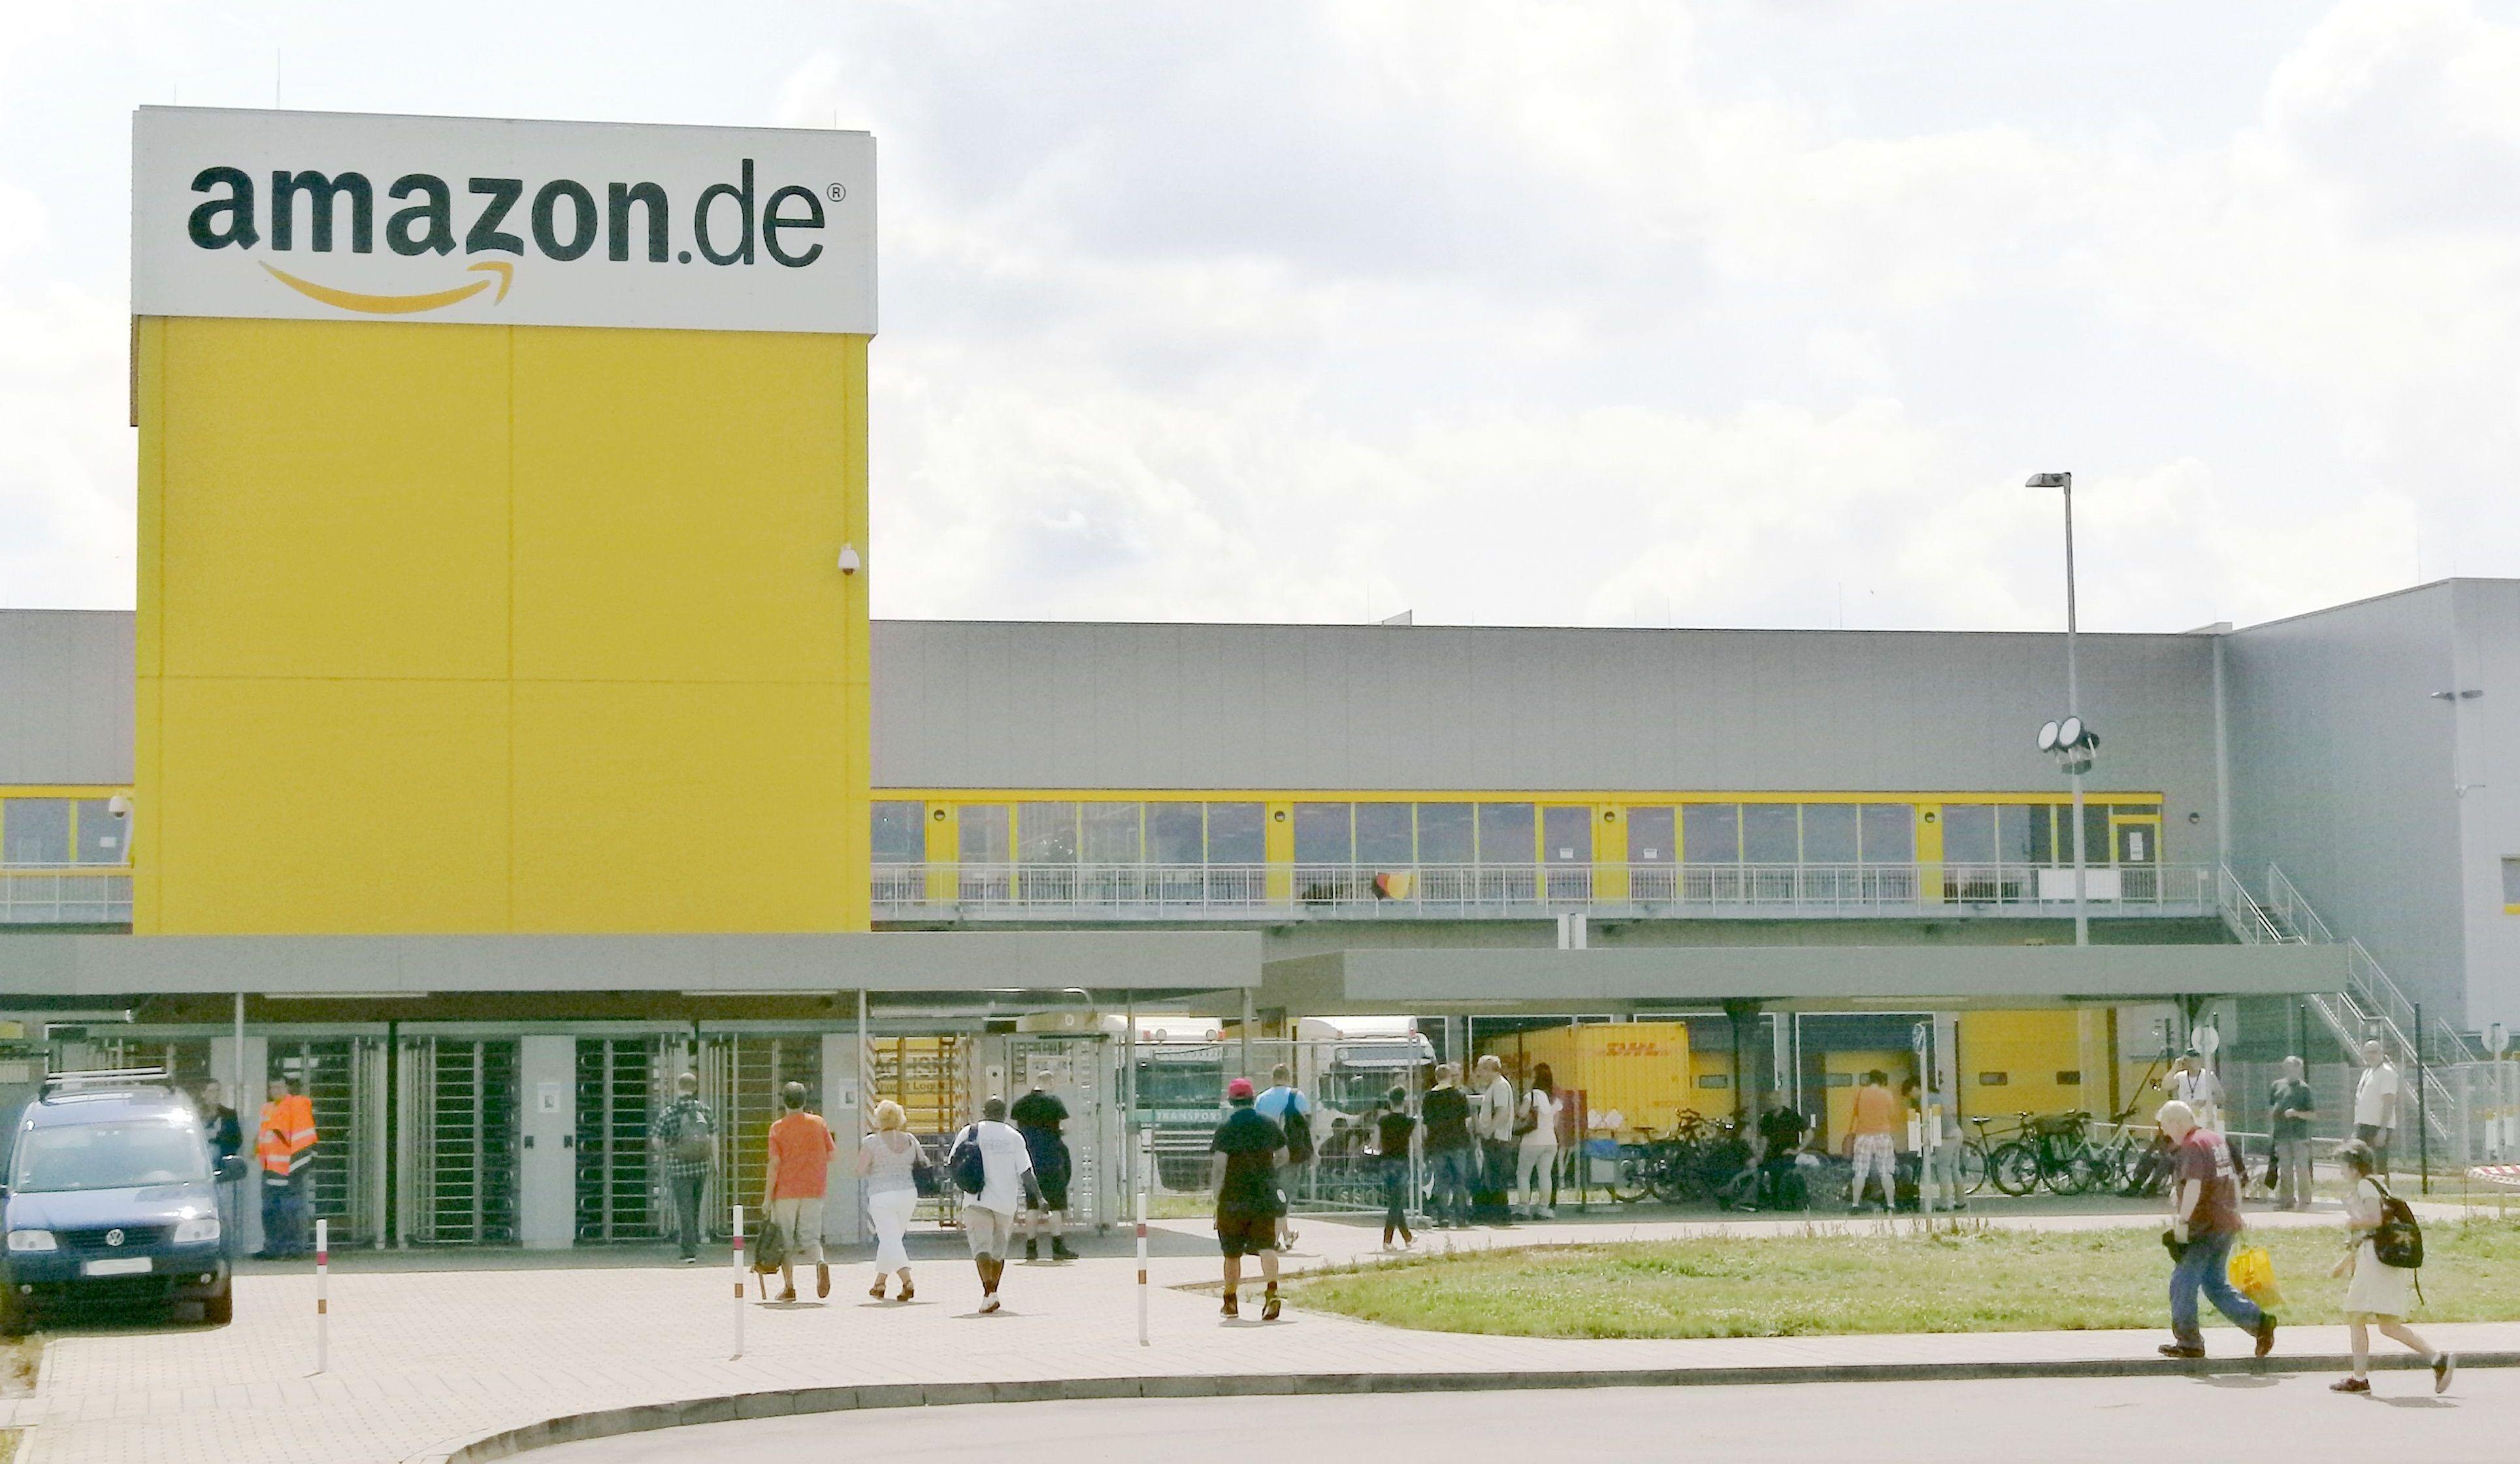 Niemcy Strajk w Amazon tuż przed Wielkanocą Niemcy